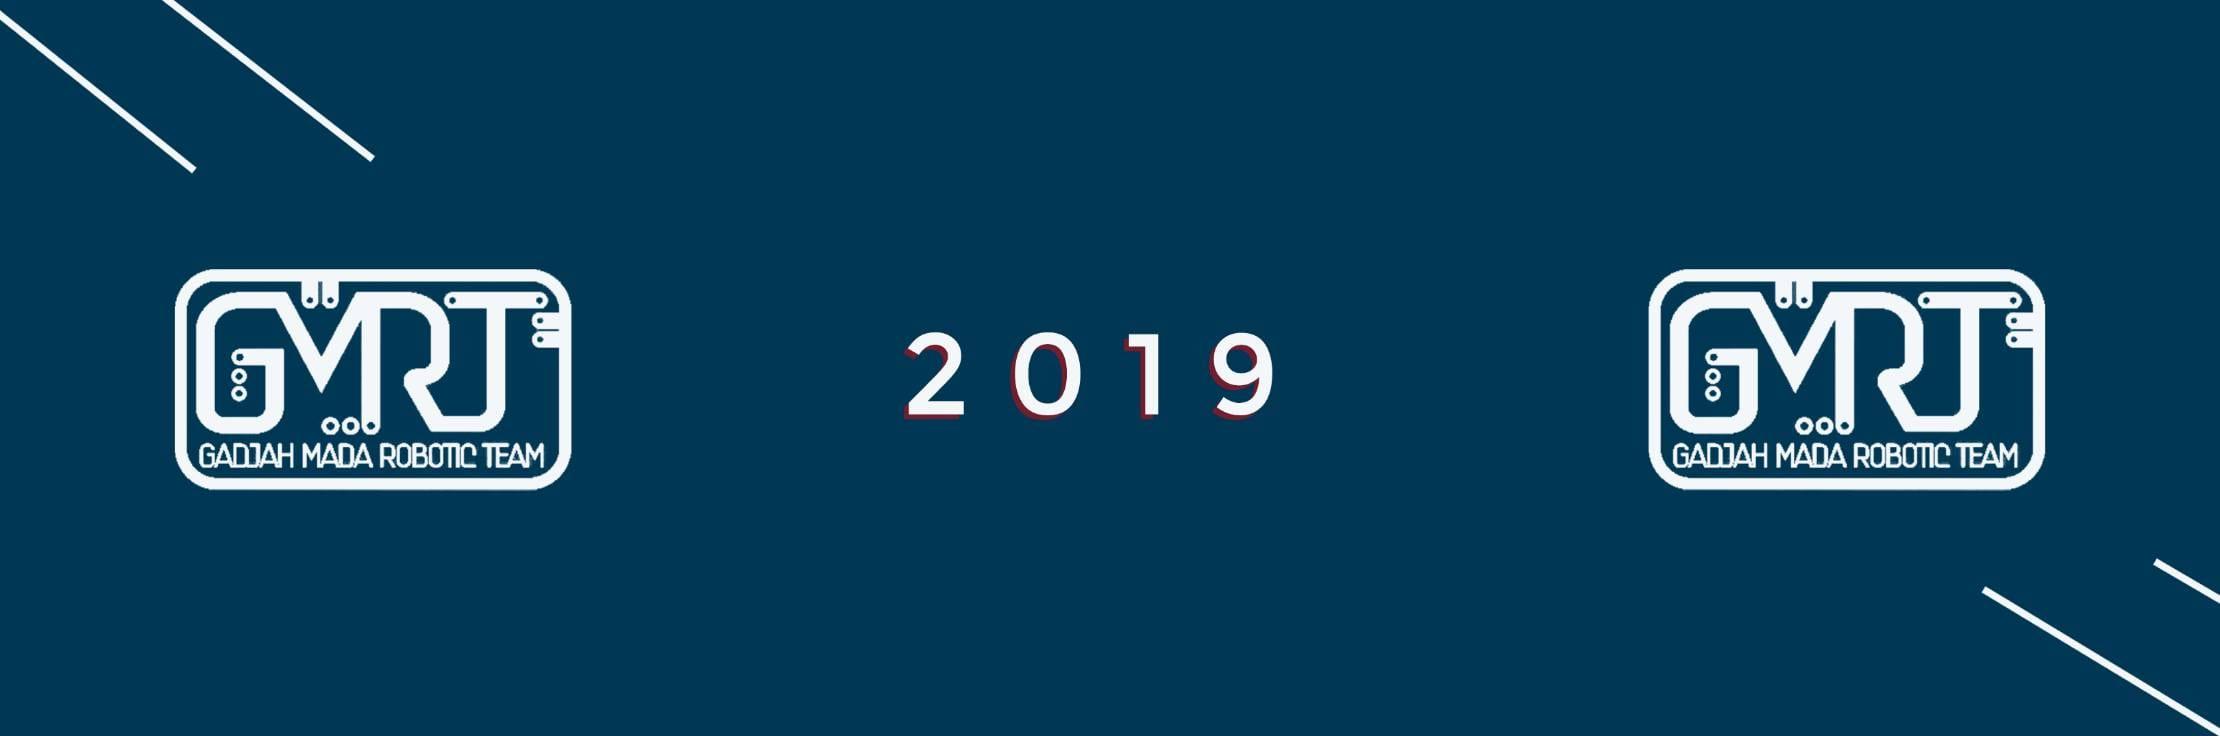 member GMRT 2019